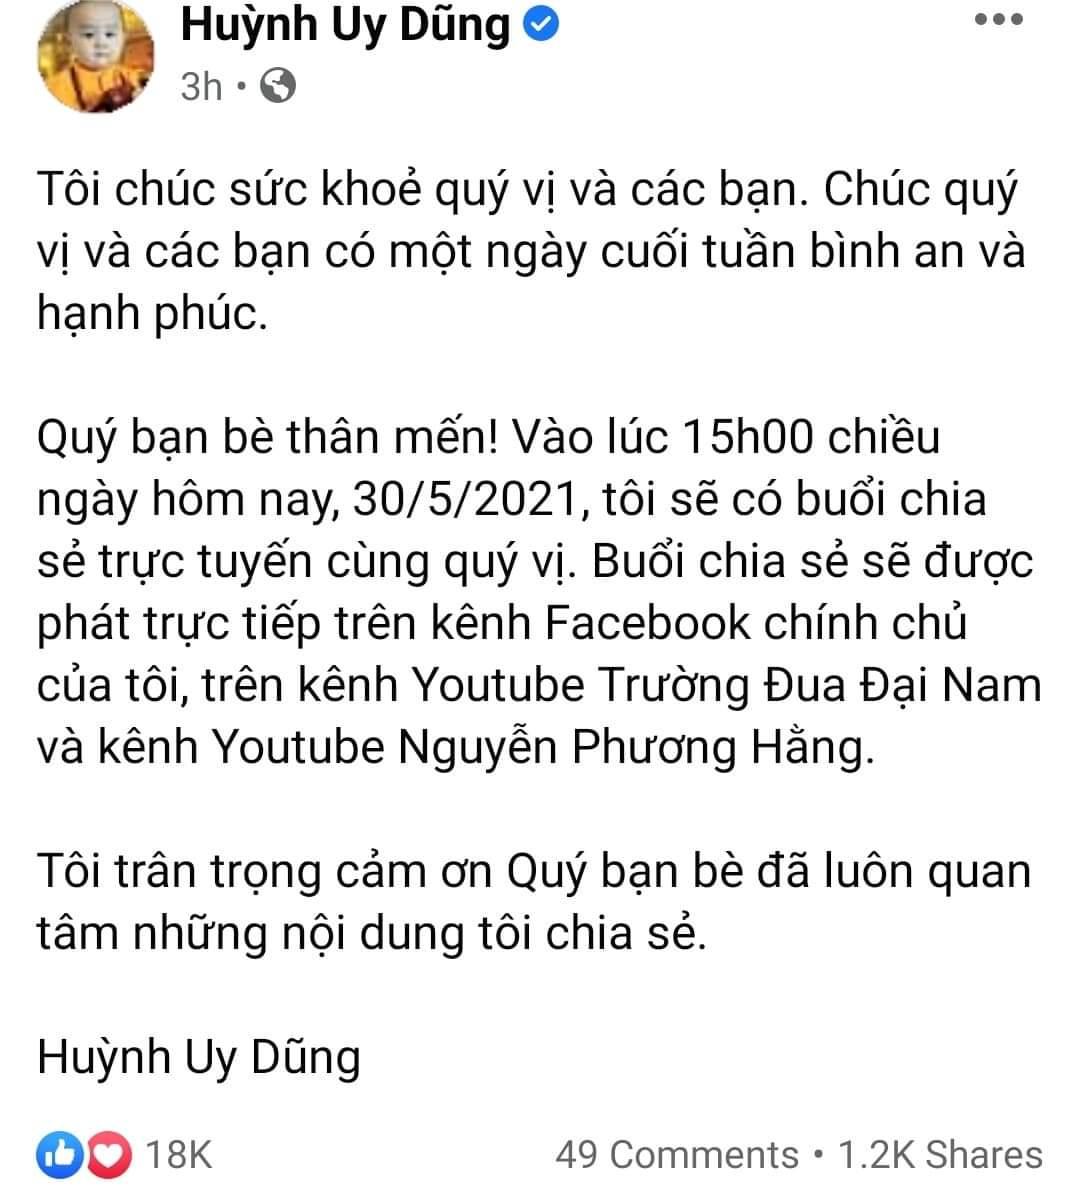 """Bà Phương Hằng vừa hủy livestream, ông Dũng """"lò vôi"""" liền lên Facebook làm điều này - 1"""